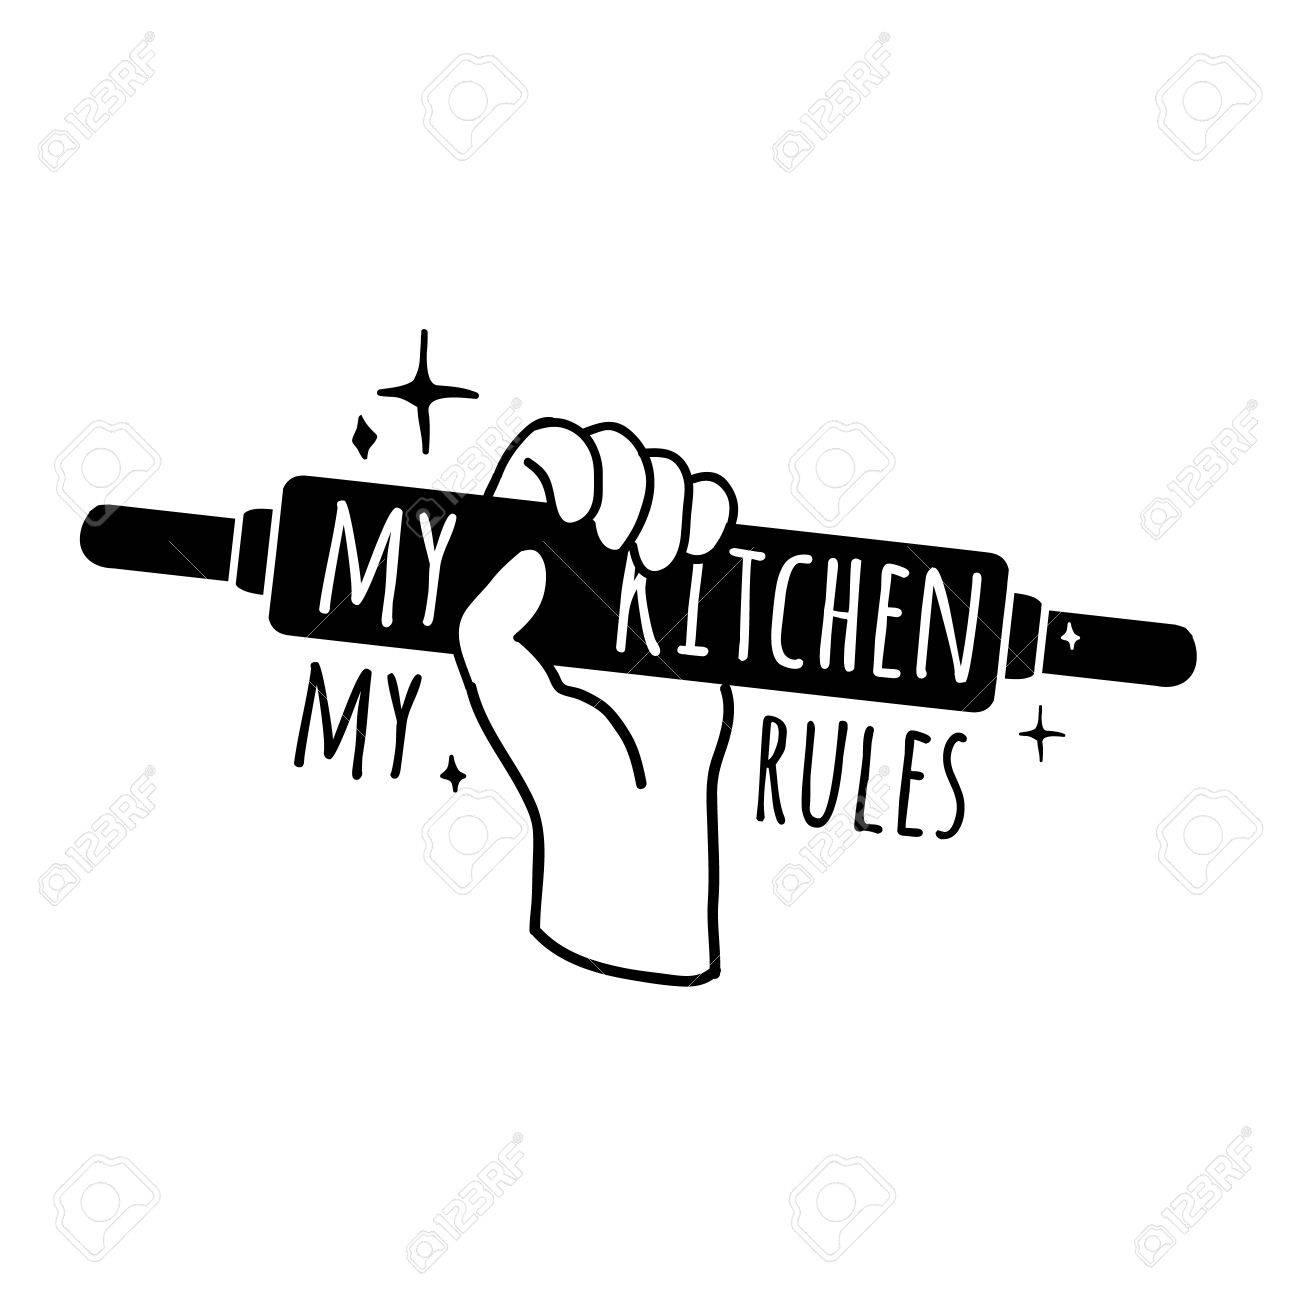 Motivational Poster Für Die Küche. Symbol, Abzeichen Mit Dem Text ...